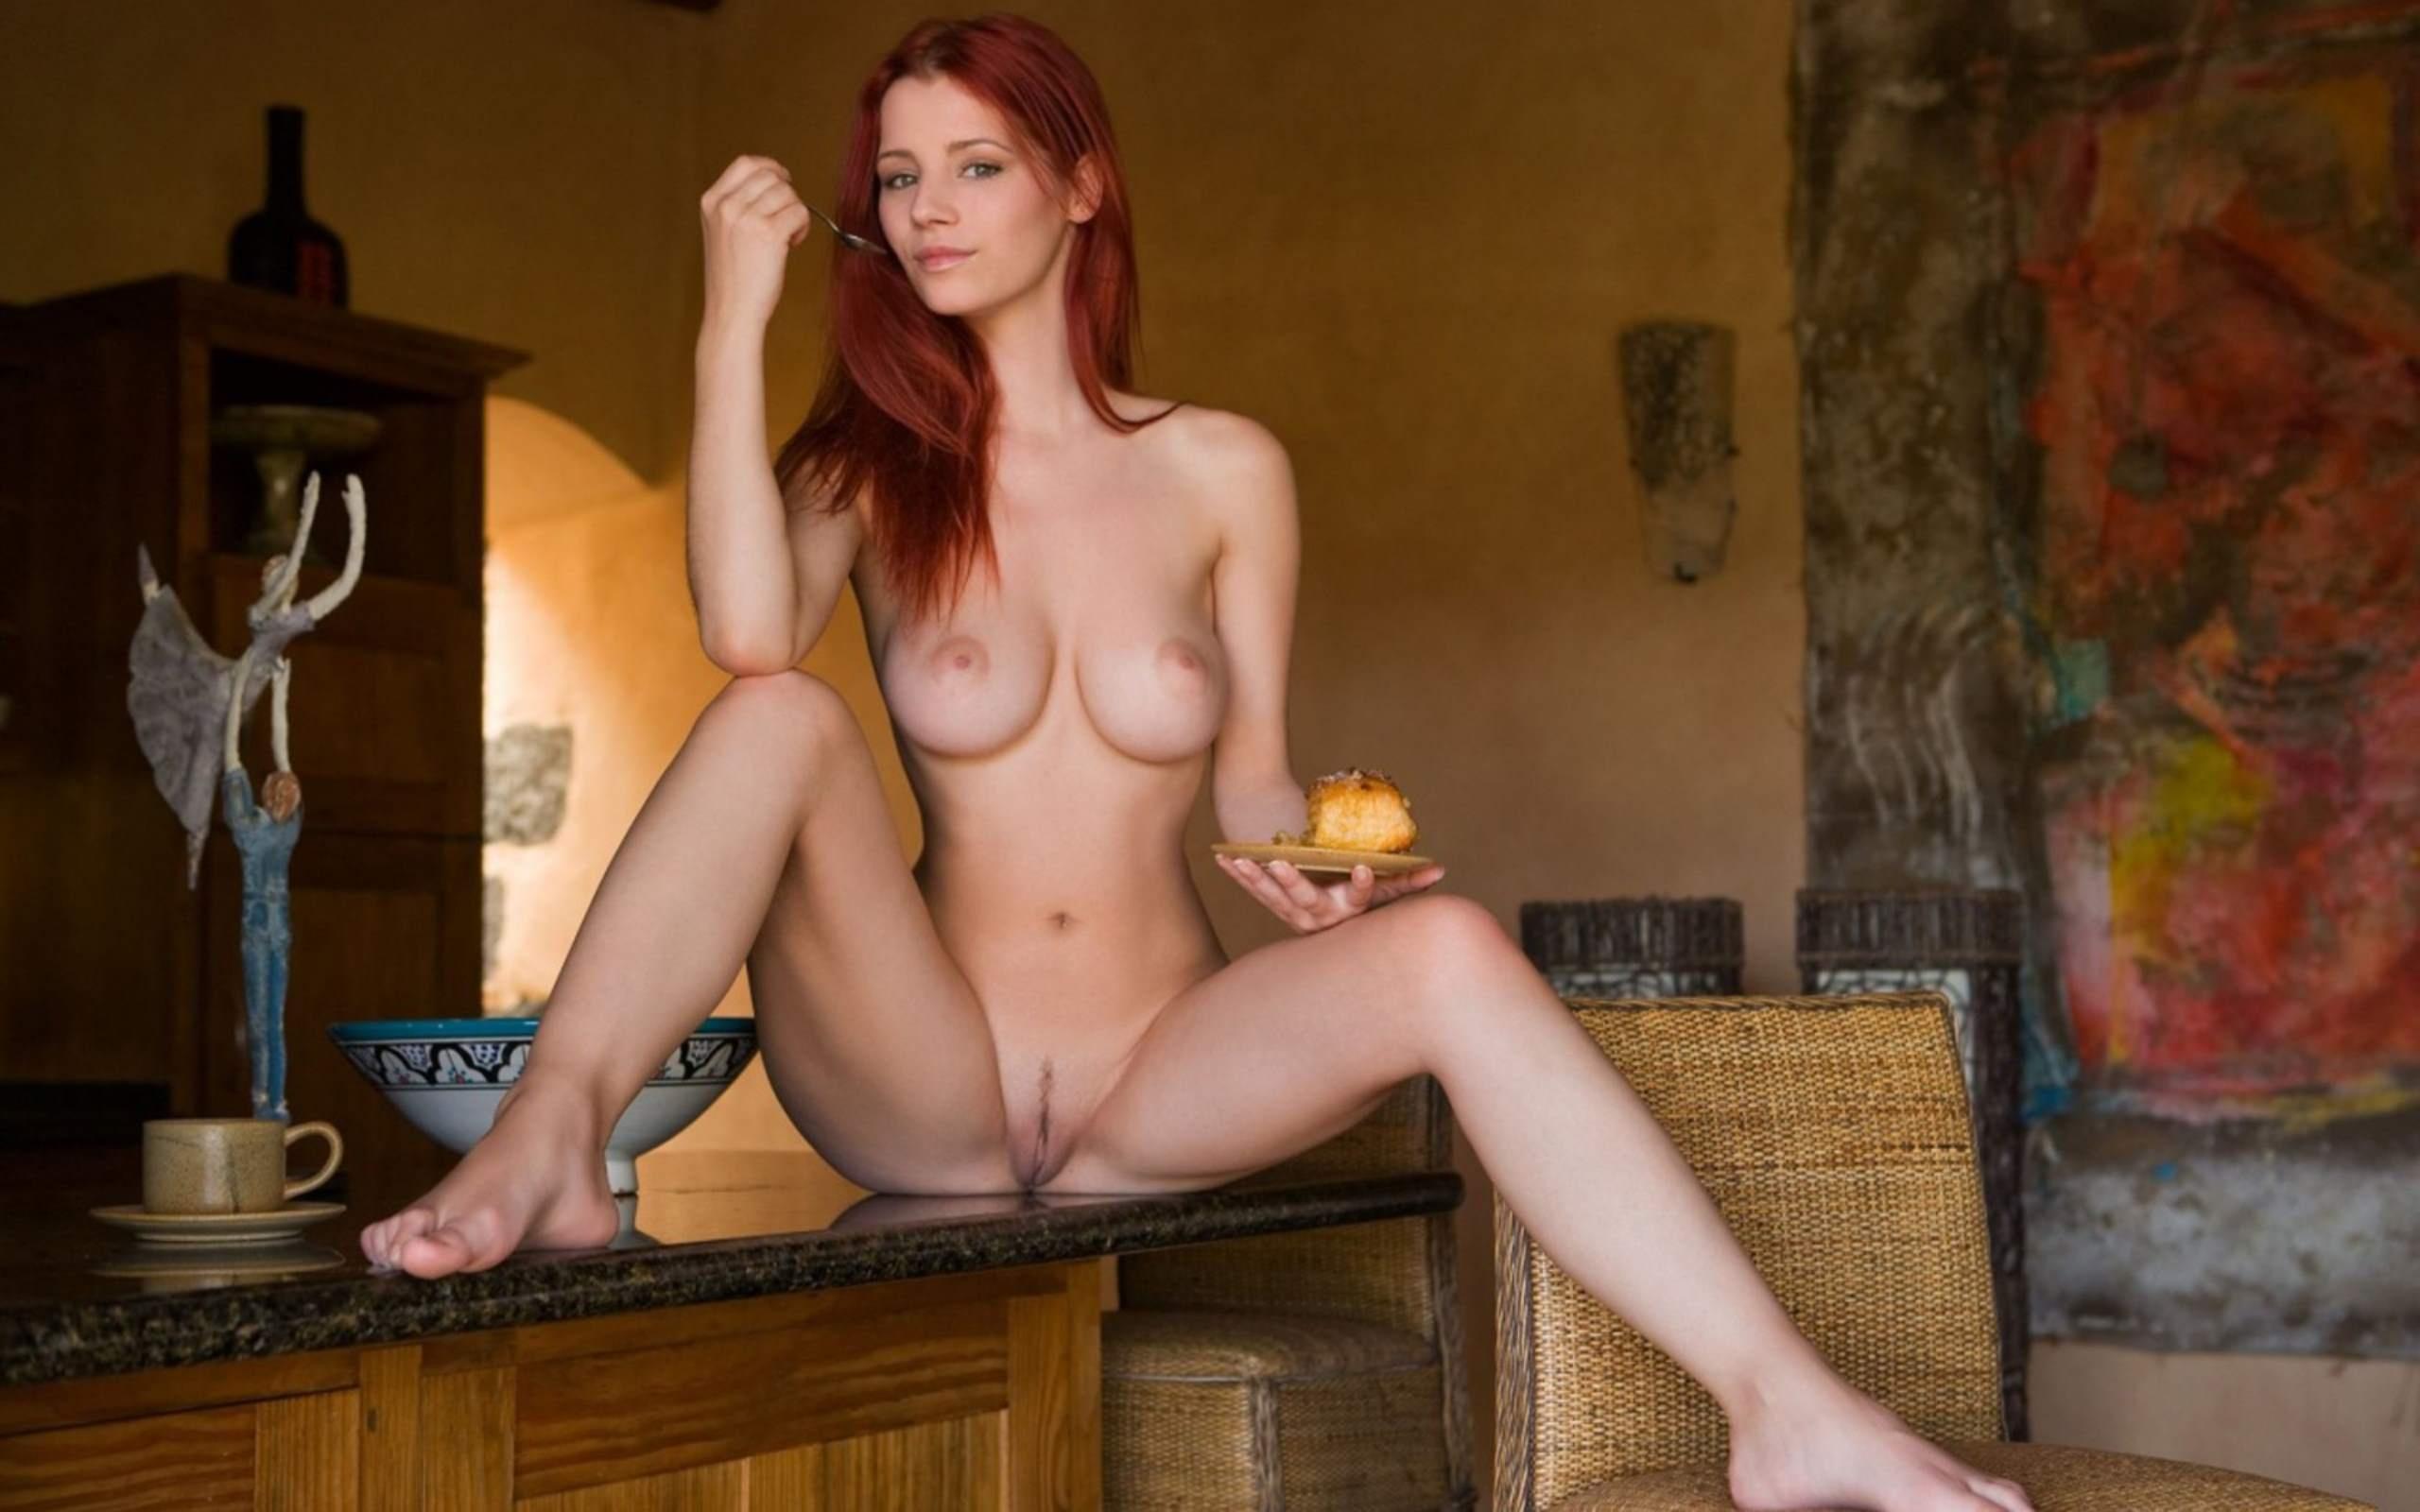 Смотреть онлайн фото голая рыжая девушка